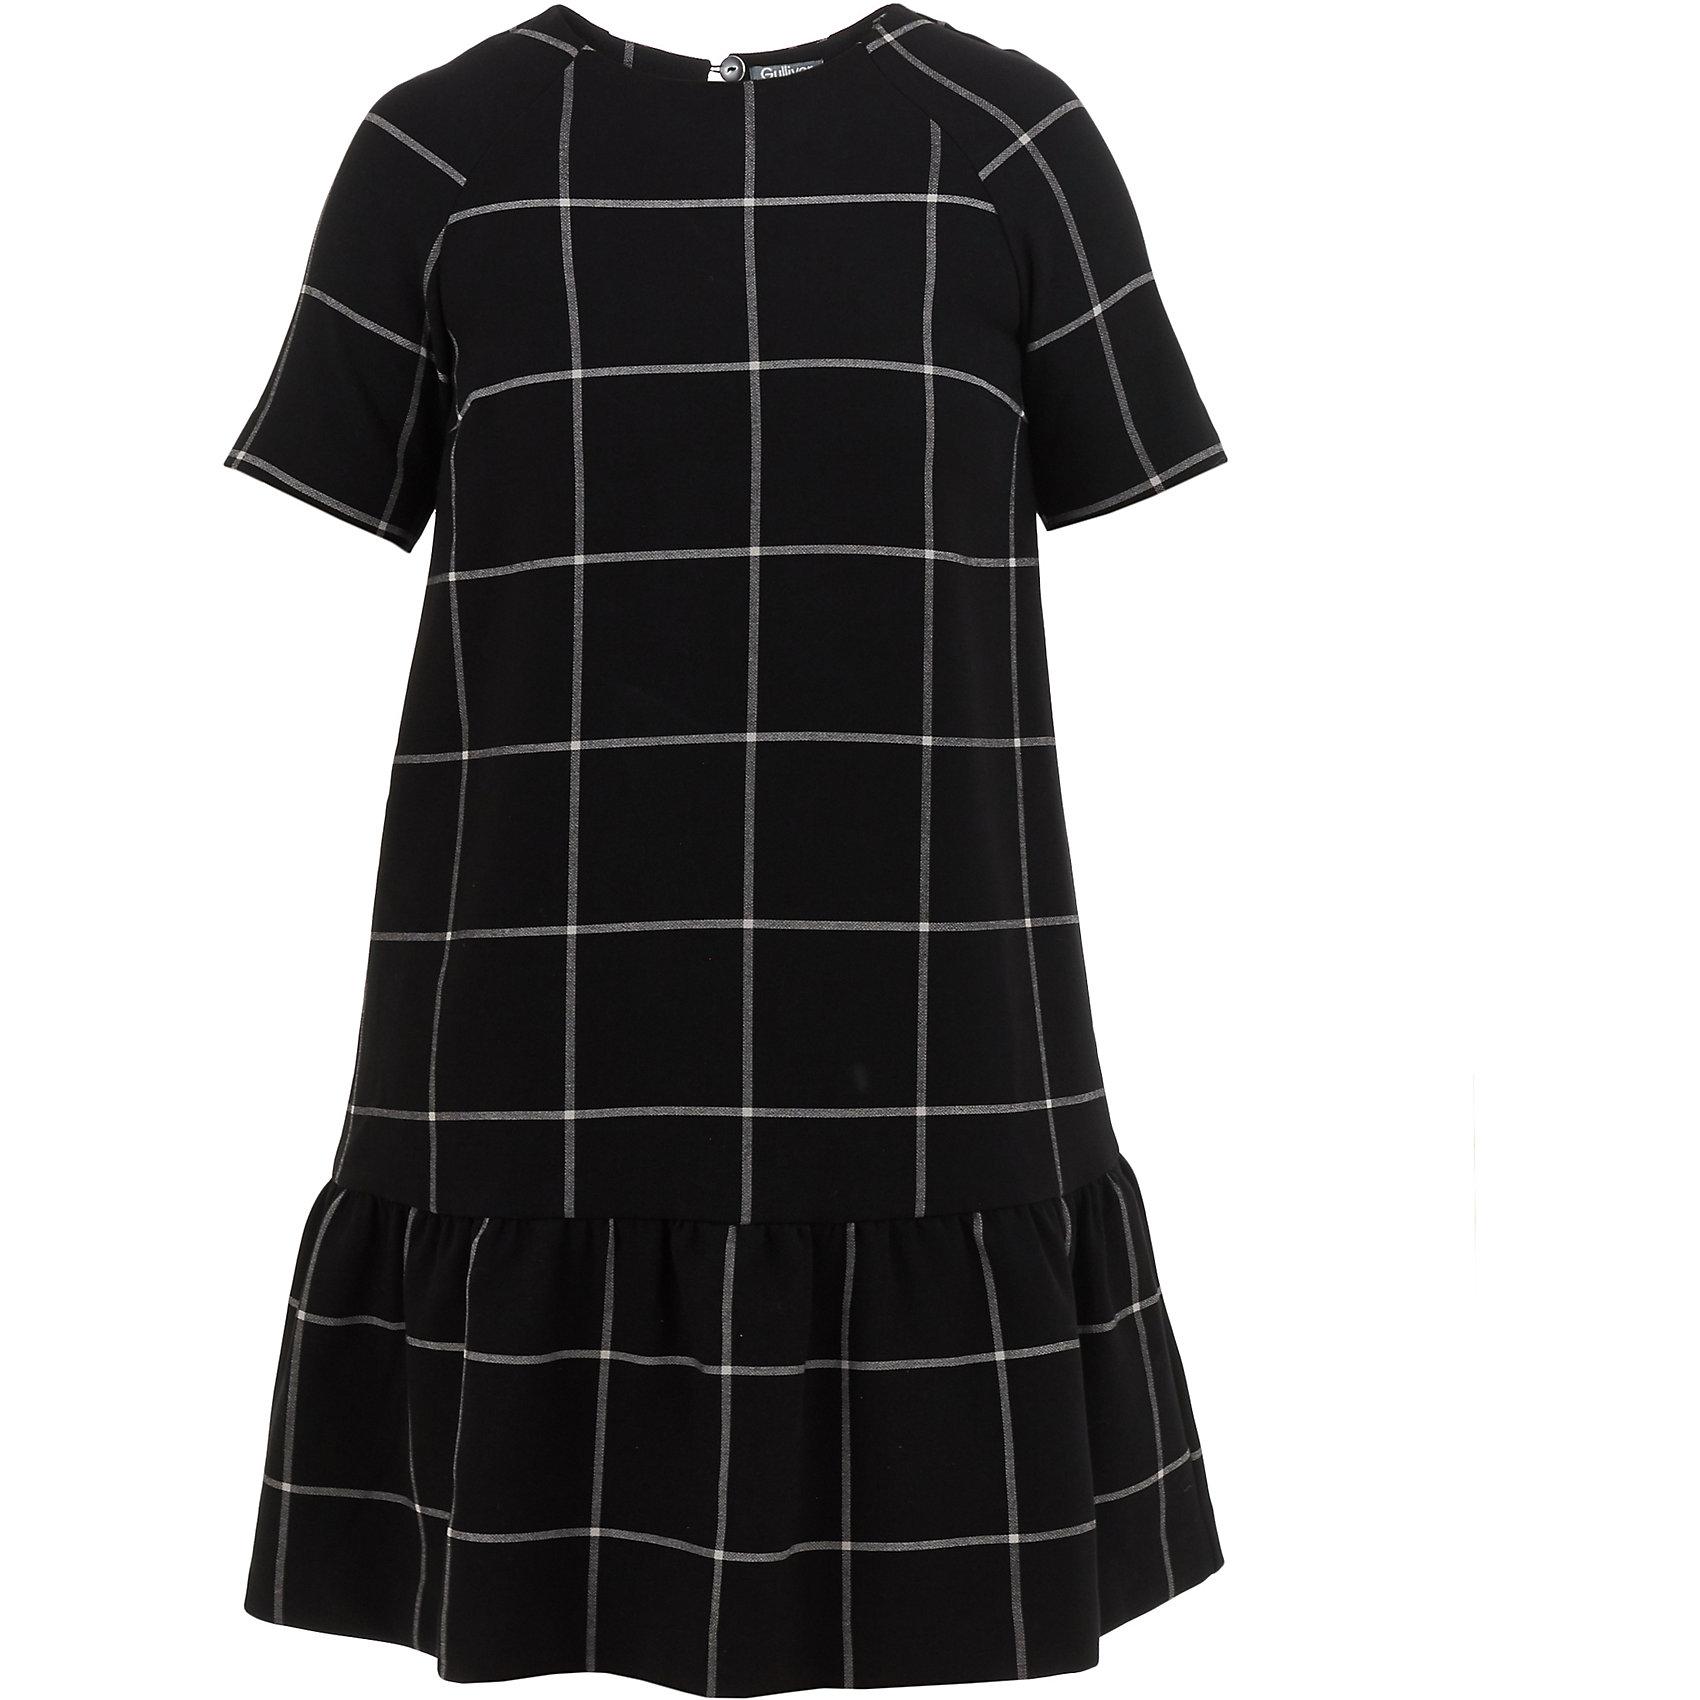 Платье Gulliver для девочкиОсенне-зимние платья и сарафаны<br>Платье Gulliver для девочки<br>Удлиненная белая блузка в клетку - хит осенне-зимнего сезона! Свободная прямая форма, укороченная линия переда, выразительный графичный рисунок делают модель стильной и привлекательной. Эта блузка для девочки - олицетворение того, какими должны быть модные блузки 2017/2018. Лаконичность, свобода, легкость и динамичность в подаче образа - все, кто ценит стиль, качество, комфорт в этой модели найдут полное соответствие своим ожиданиям. Если вы хотите купить модную детскую блузку, способную подчеркнуть индивидуальность ребенка, блузка от Gulliver - прекрасный вариант. Она сделает образ свежим, интересным, ярким.<br>Состав:<br>68% хлопок       29% полиэстер    3% эластан<br><br>Ширина мм: 236<br>Глубина мм: 16<br>Высота мм: 184<br>Вес г: 177<br>Цвет: черный<br>Возраст от месяцев: 120<br>Возраст до месяцев: 132<br>Пол: Женский<br>Возраст: Детский<br>Размер: 146,164,152,158<br>SKU: 7077226